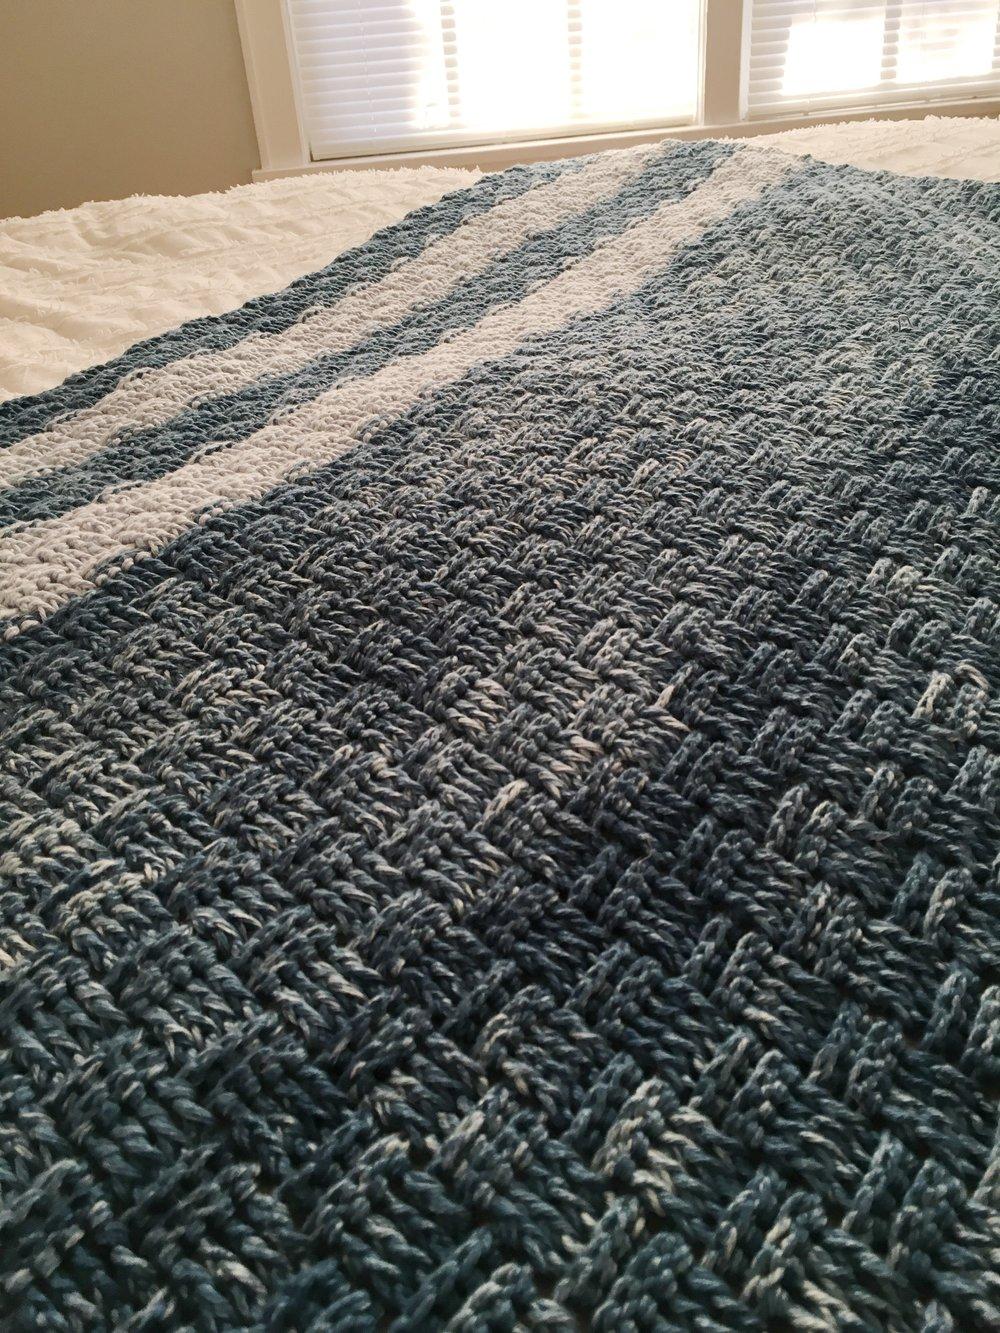 Blanket 4.JPG